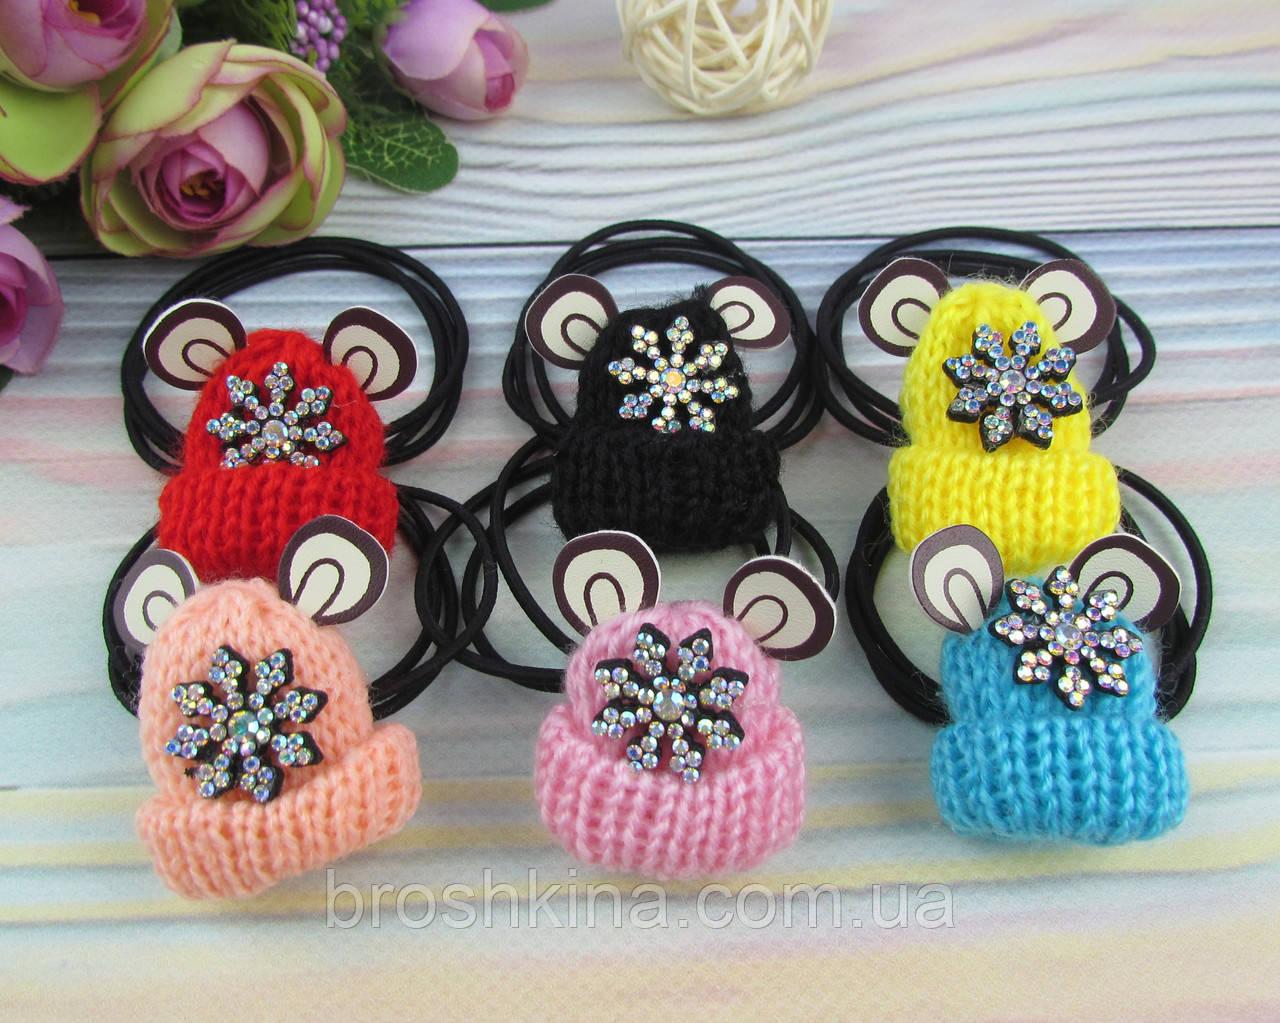 Резинки для волос шапочки со снежинками в стразах 10 шт/уп.